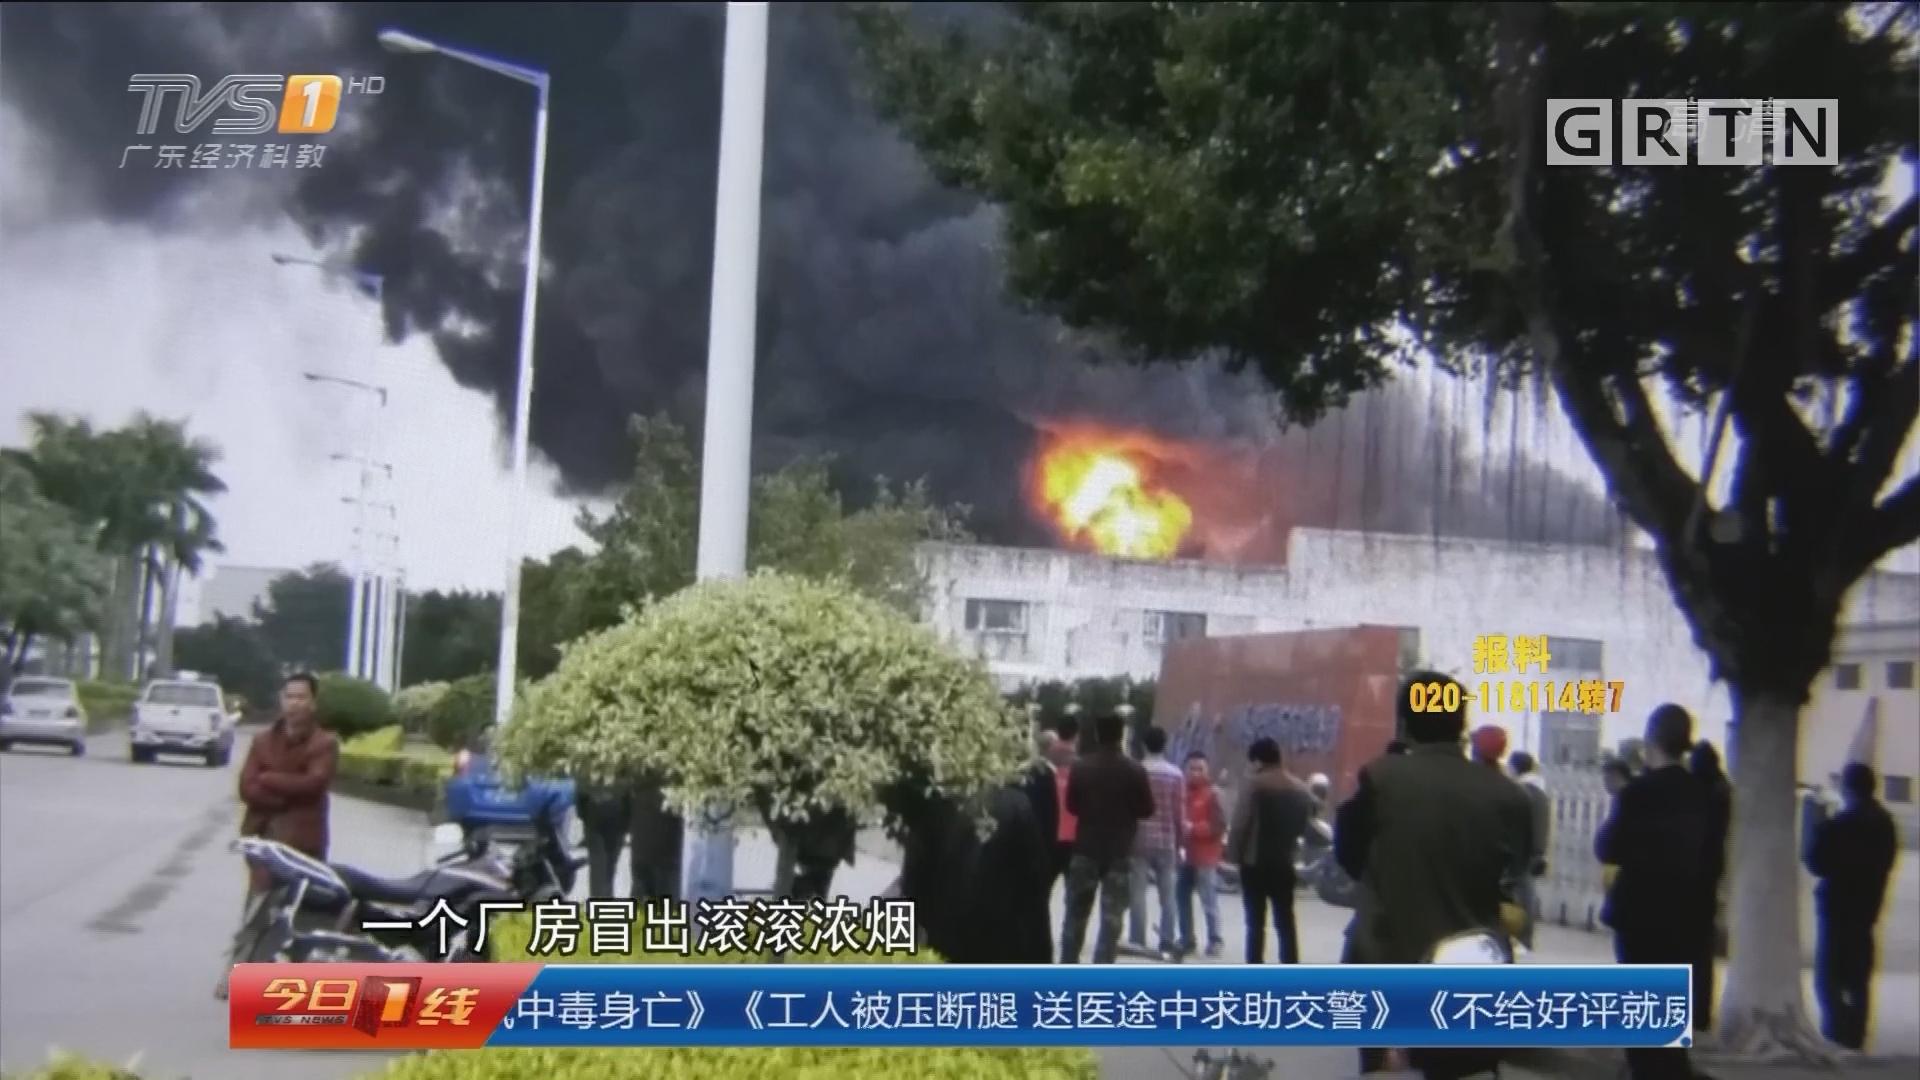 佛山高明:厂房突发大火 消防紧急扑灭